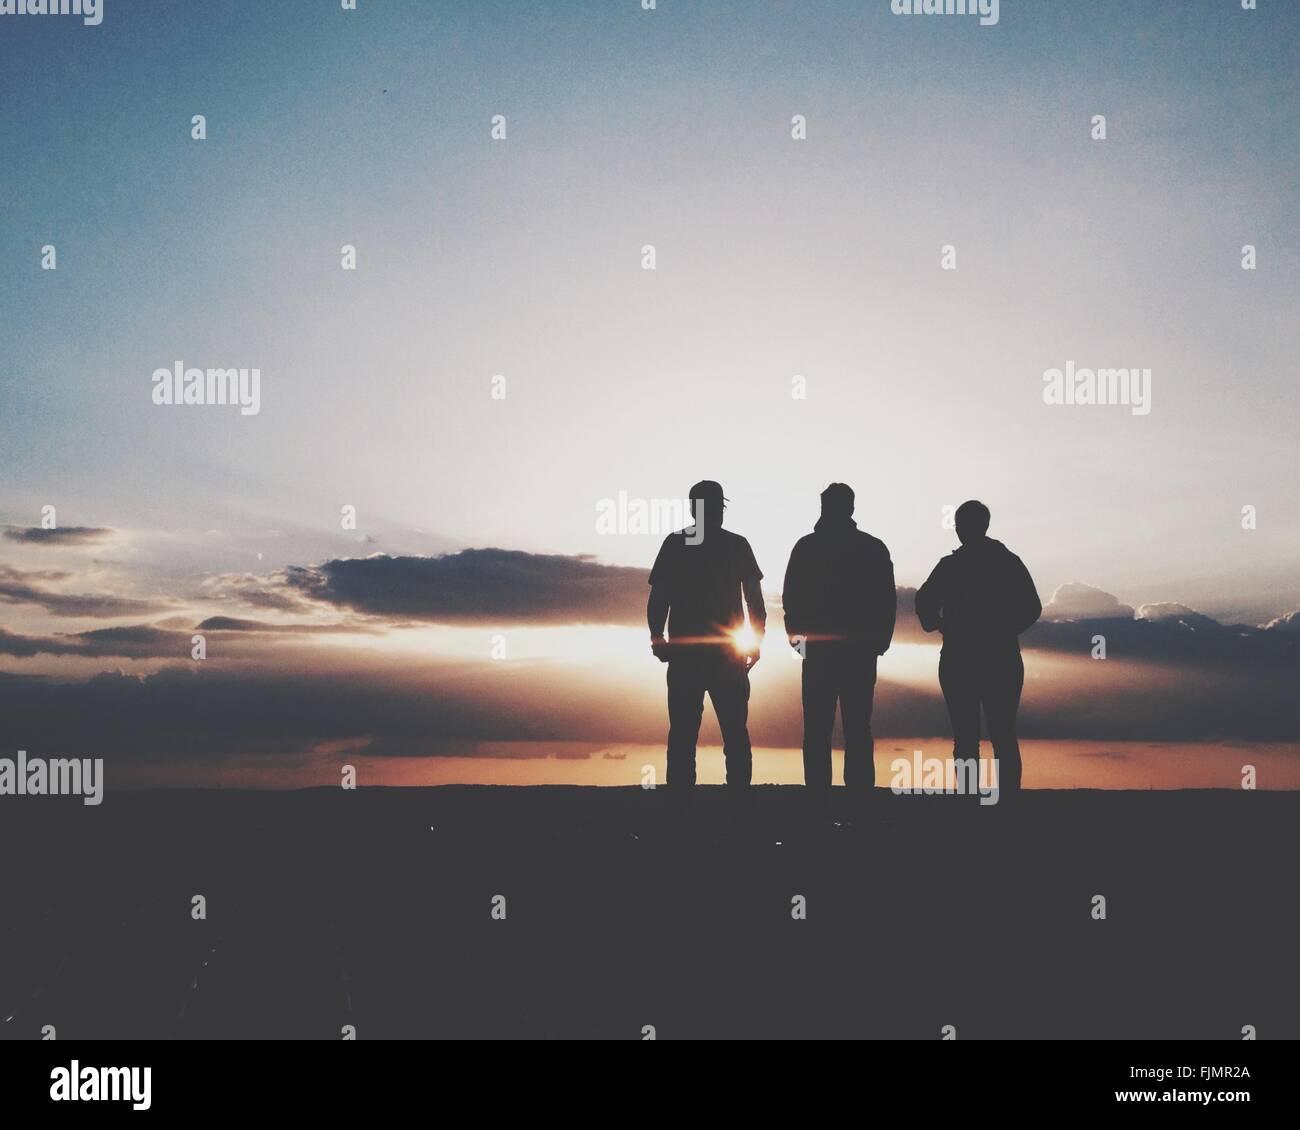 Silhouette de trois personnes debout au coucher du soleil Photo Stock